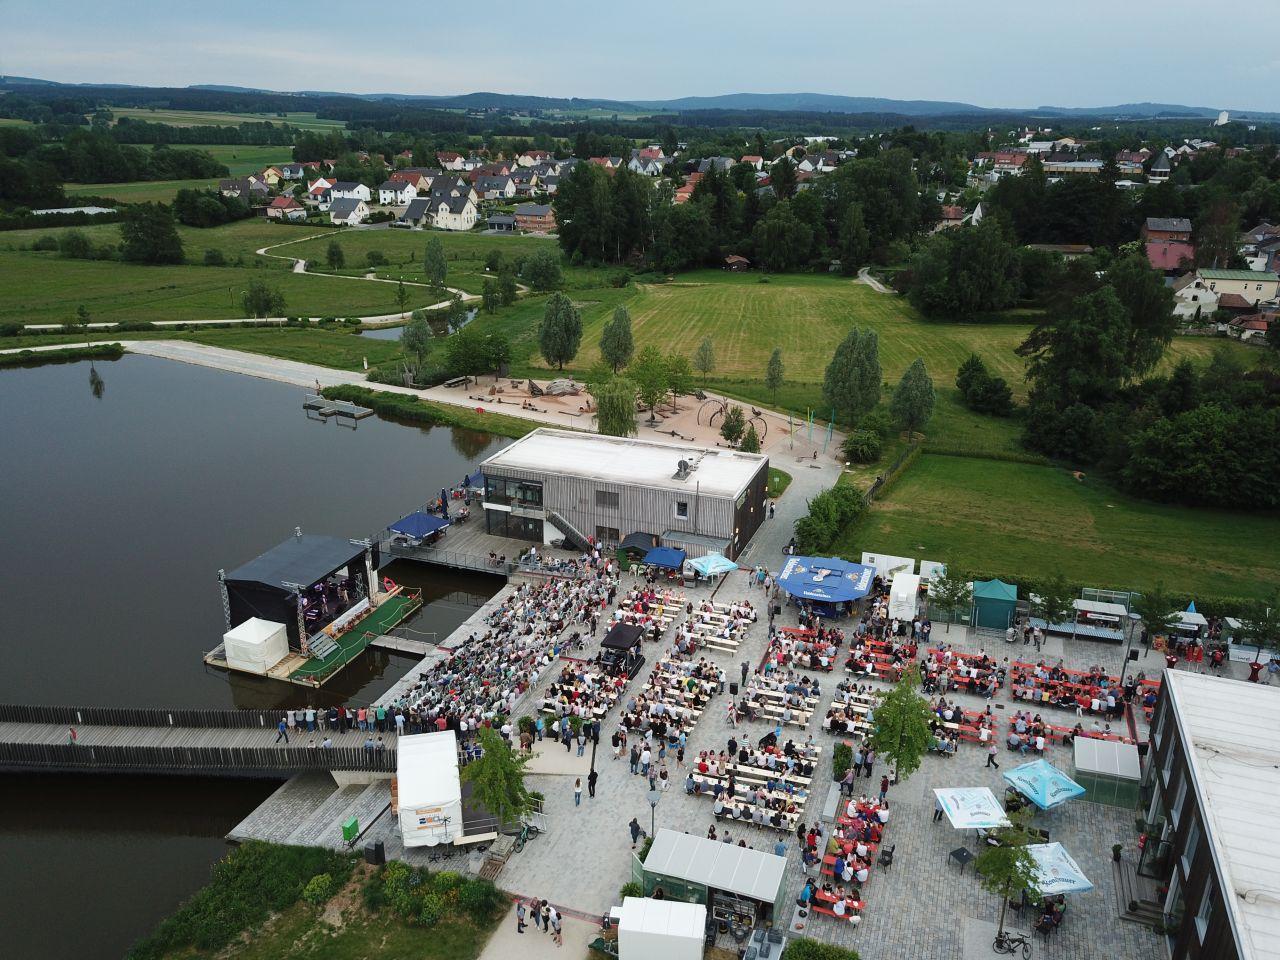 9. Juni - Luftbildaufnahme cooltour-Sommer im Fischhofpark